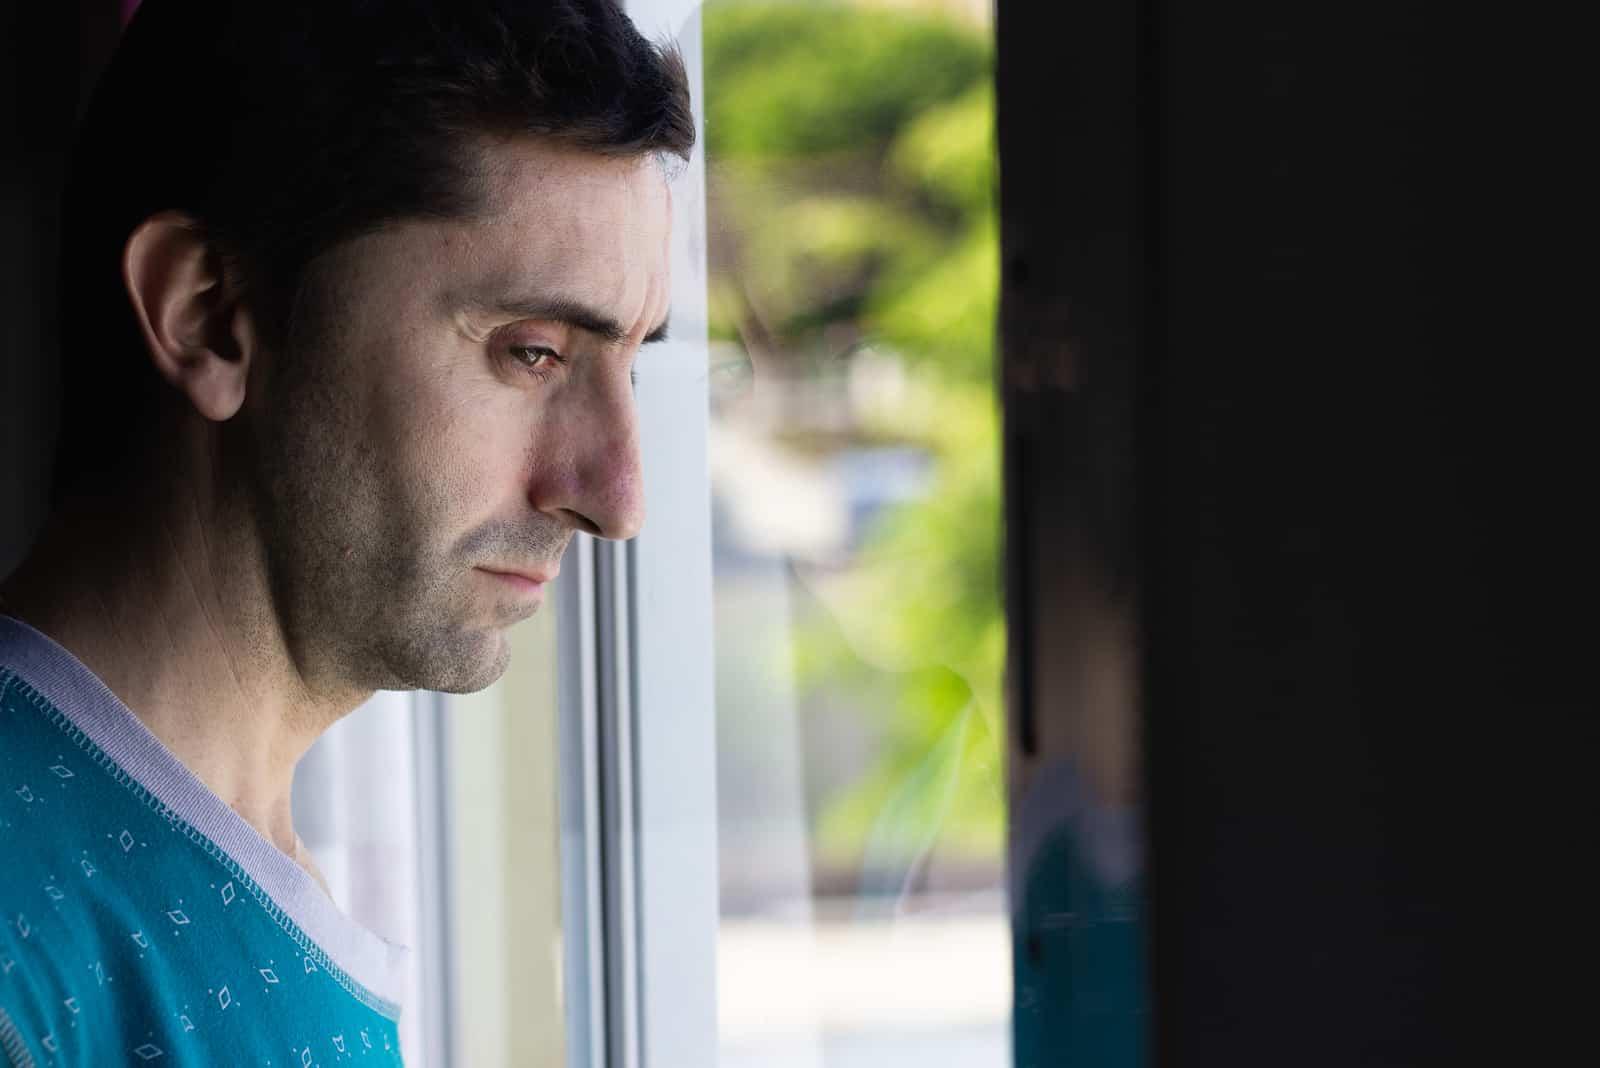 Mann mittleren Alters mit traurigem Blick